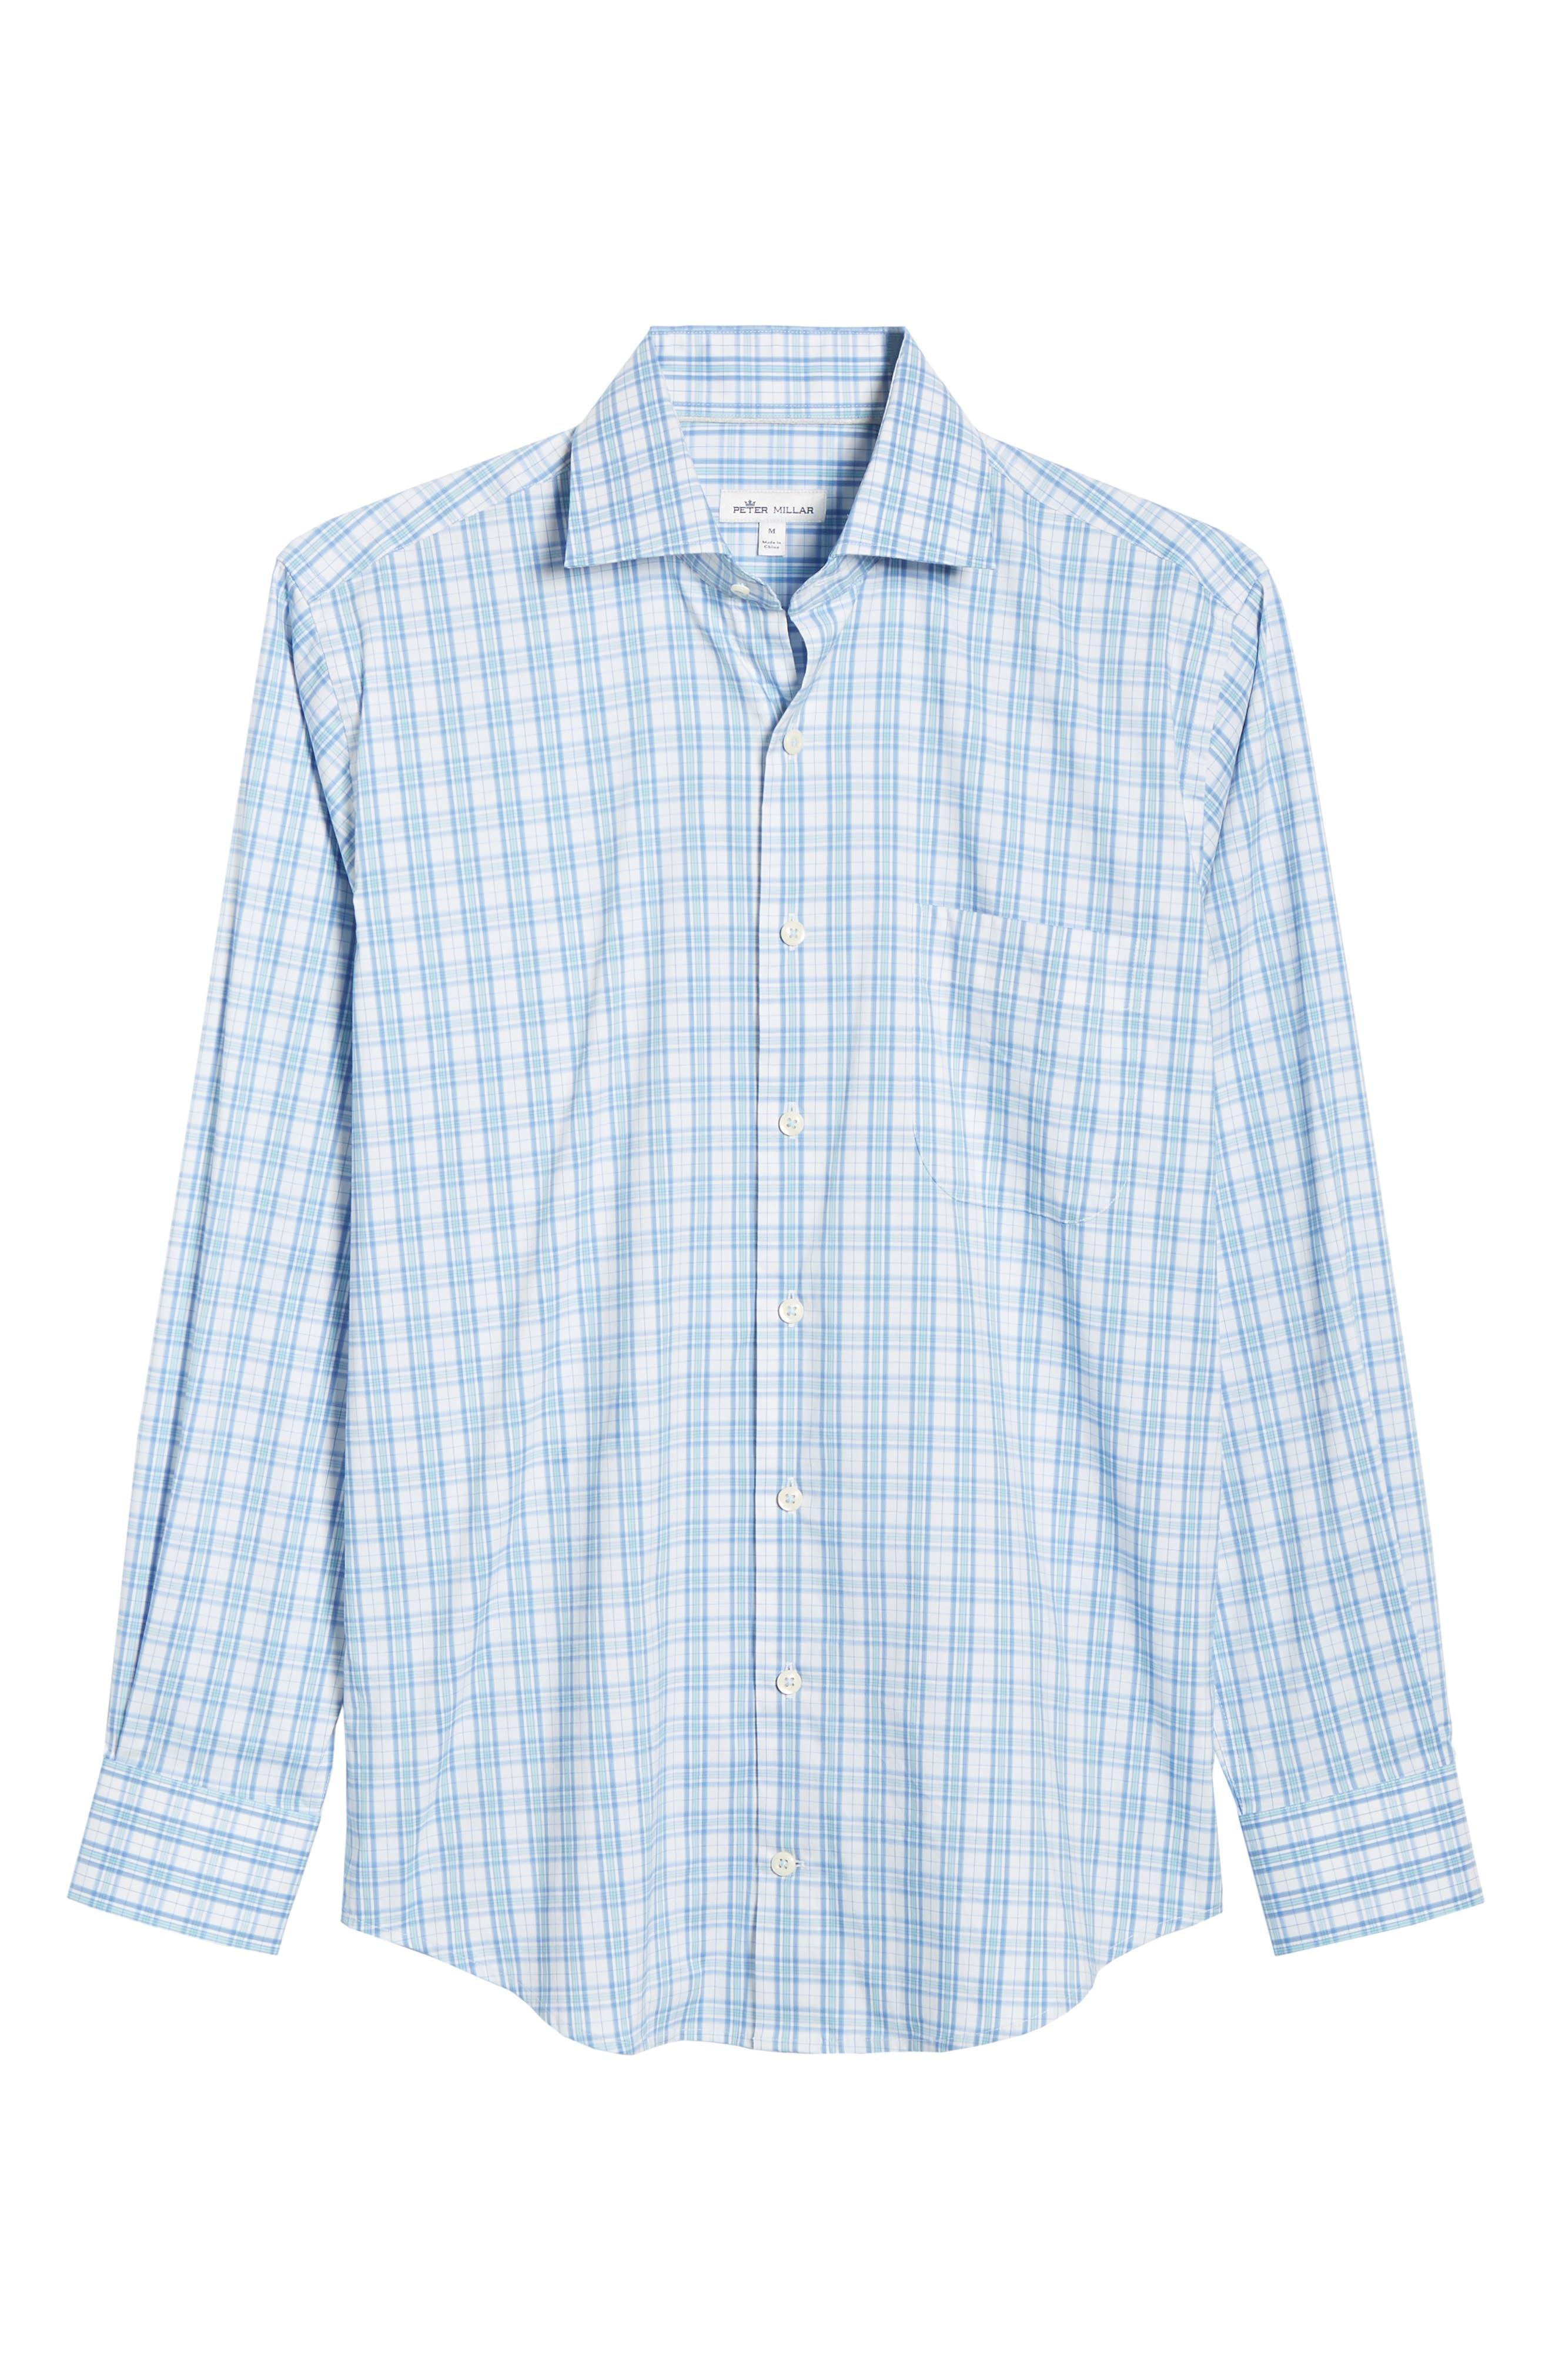 Portofino Tartan Performance Sport Shirt,                             Alternate thumbnail 5, color,                             VESSEL